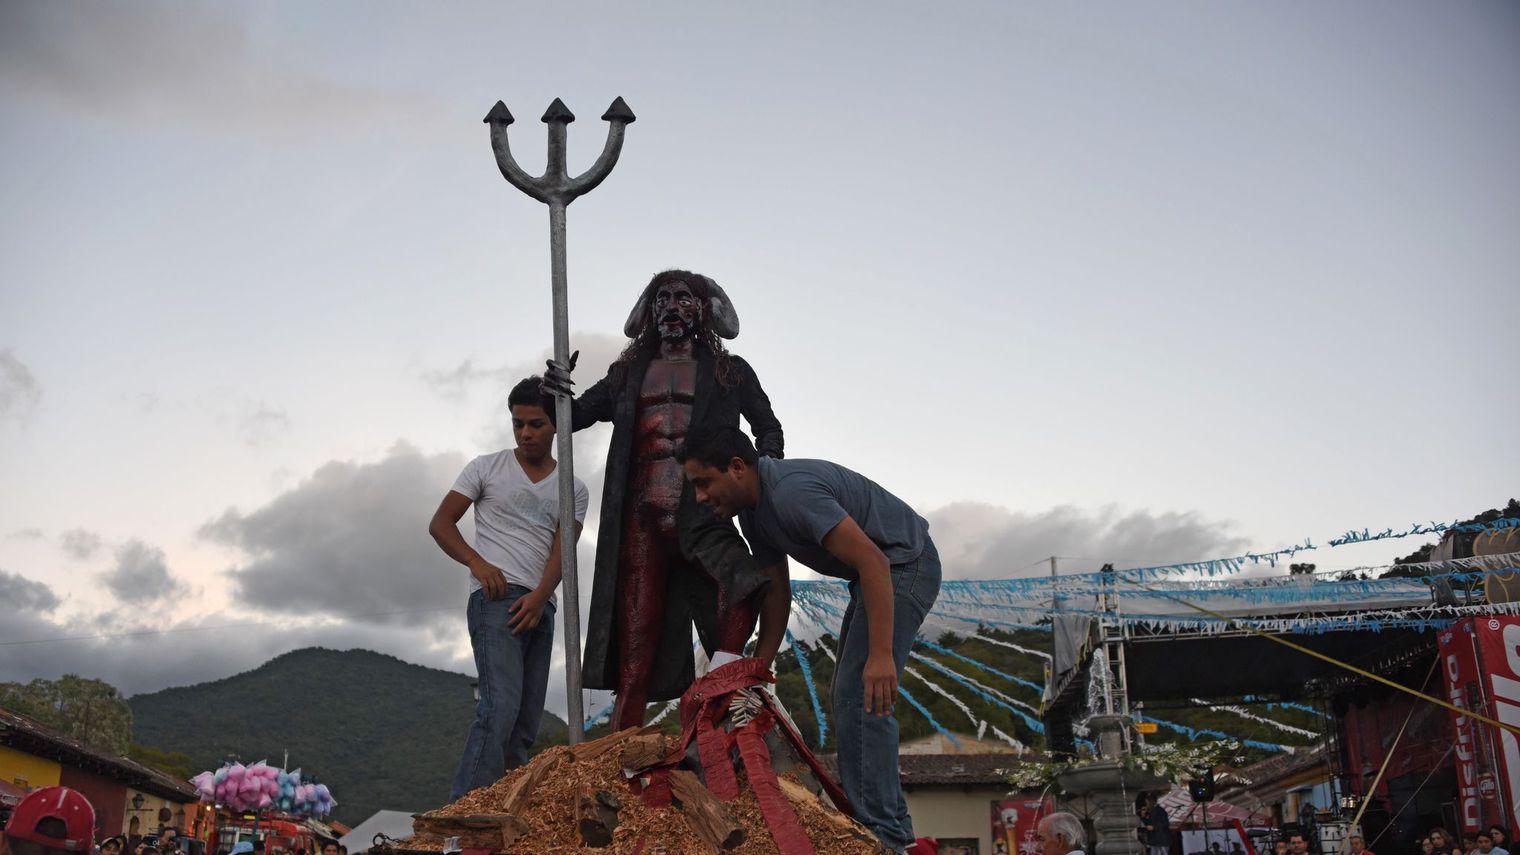 Des hommes préparent un bûcher pour brûler symboliquement le diable, le 7 décembre 2015, dans la ville coloniale d'Antigua Guatemala, à 45 km au sud-ouest de la capitale afp.com/JOHAN ORDONEZ